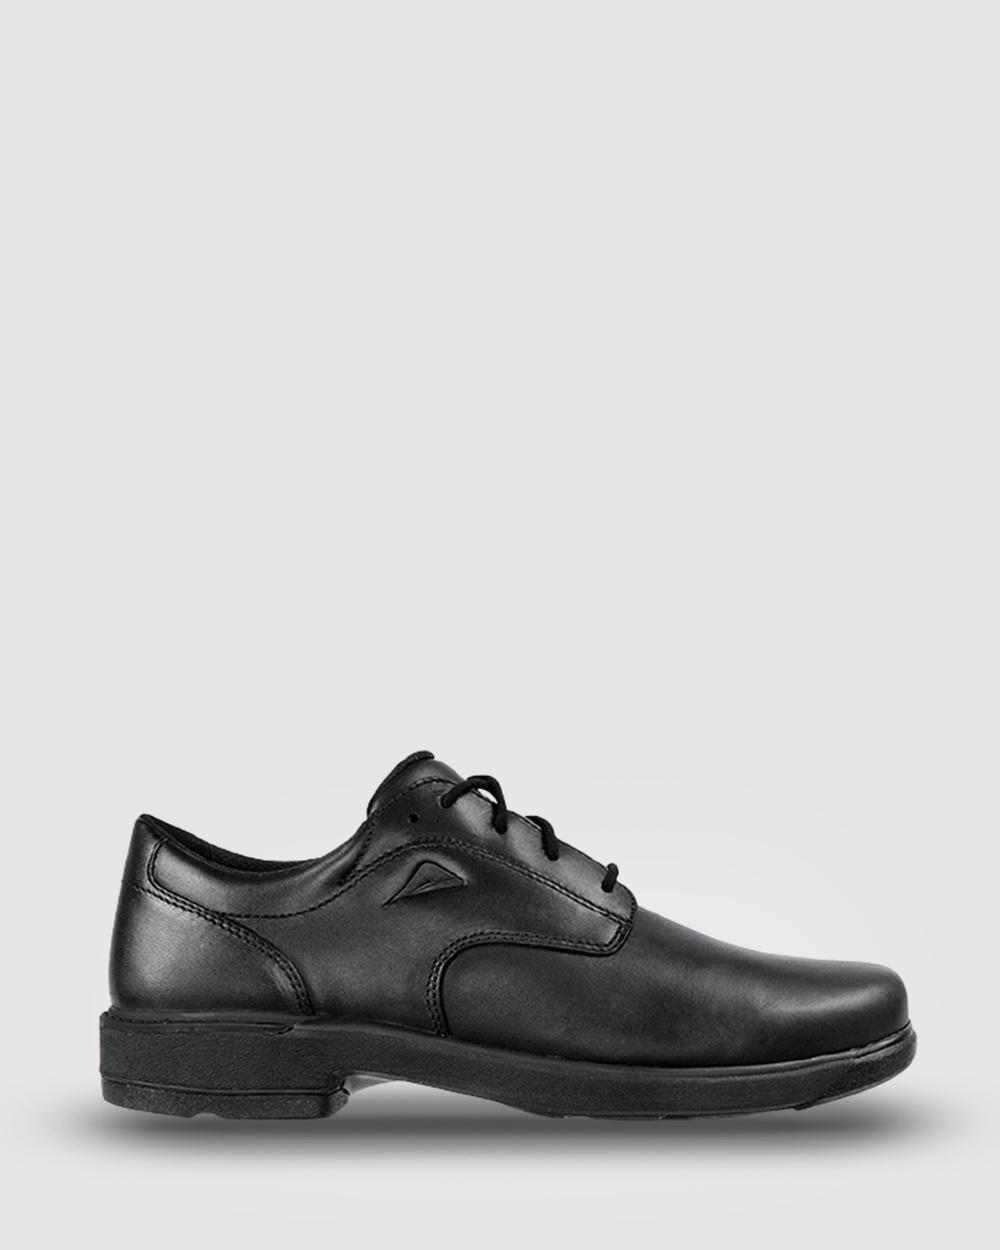 Ascent Scholar D Width School Shoes Brown Australia